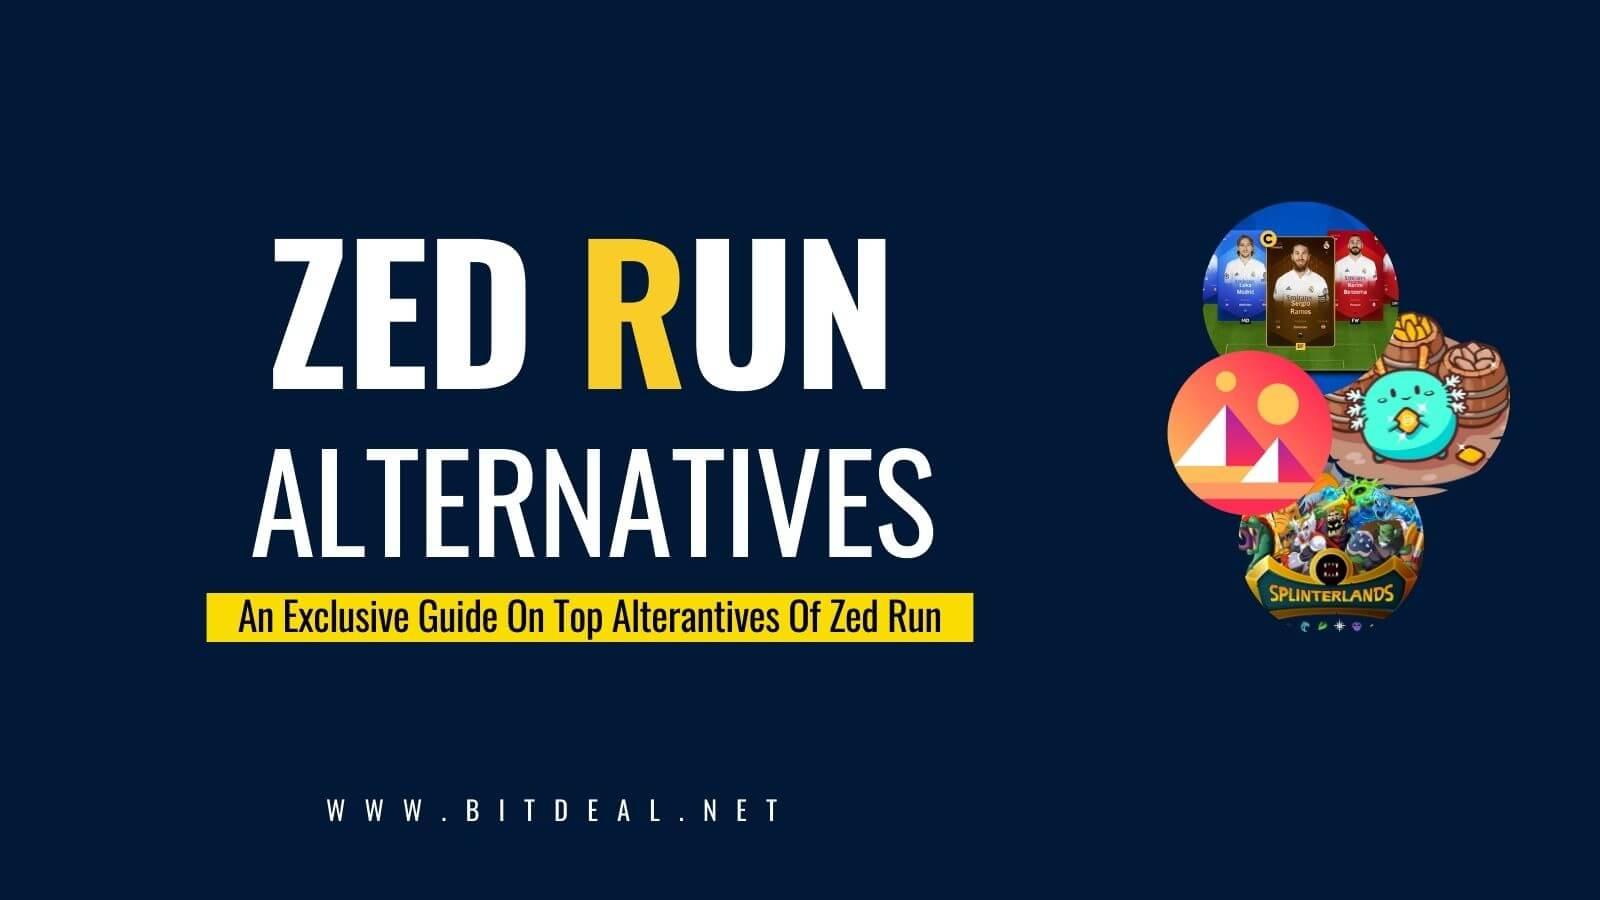 Top alternatives for Zed Run